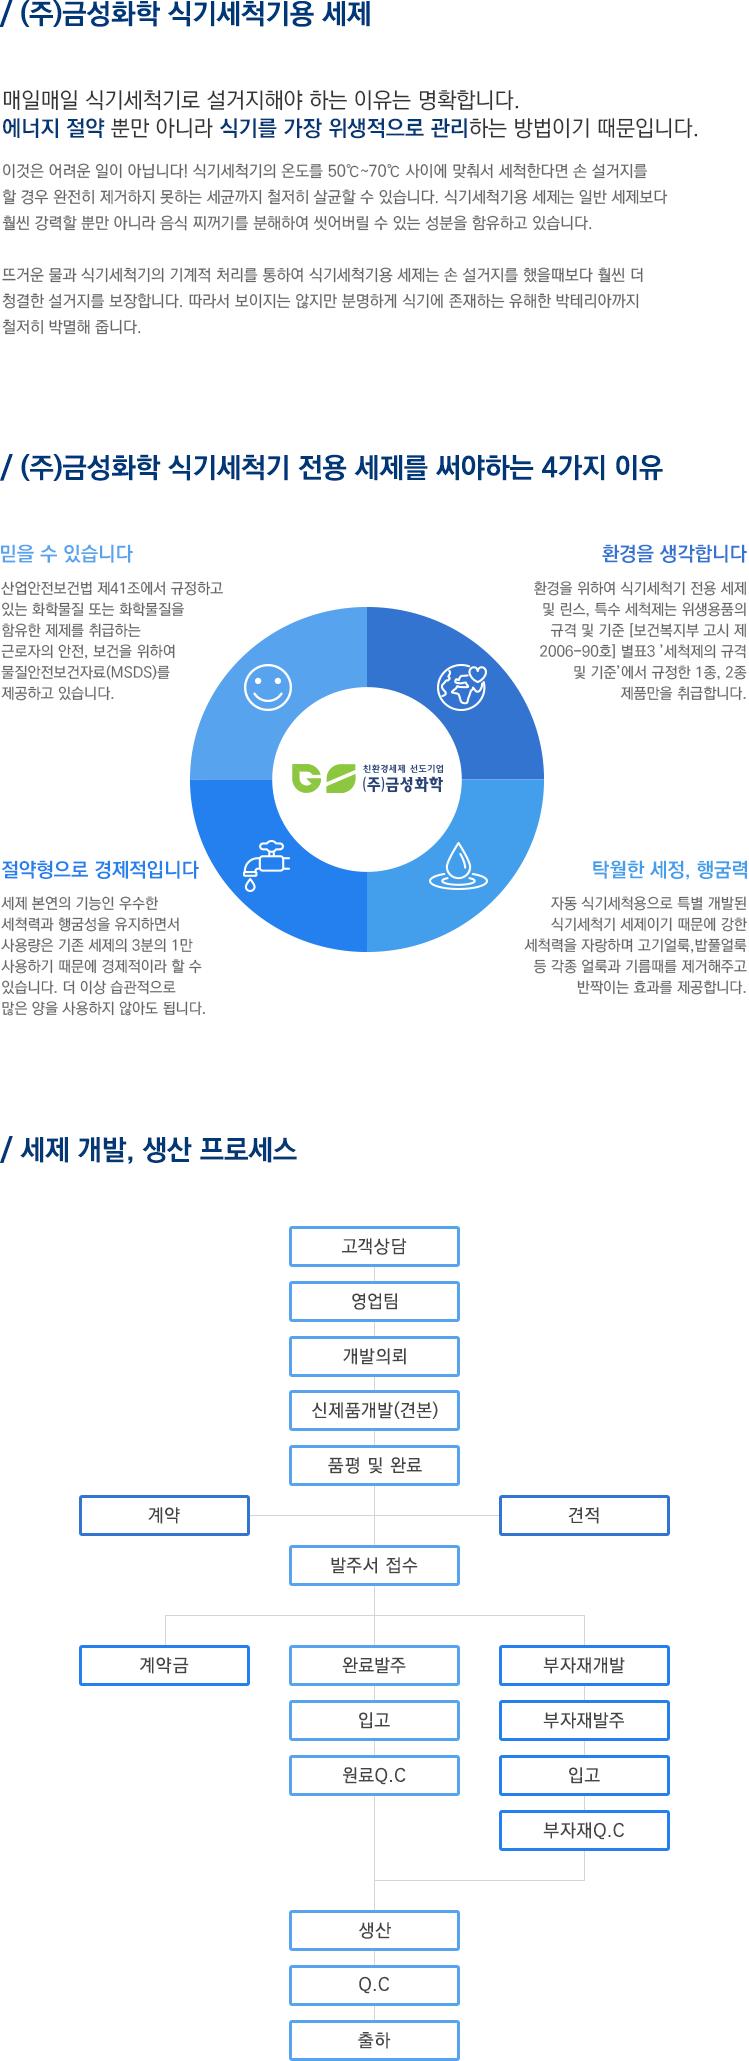 제품소개.png